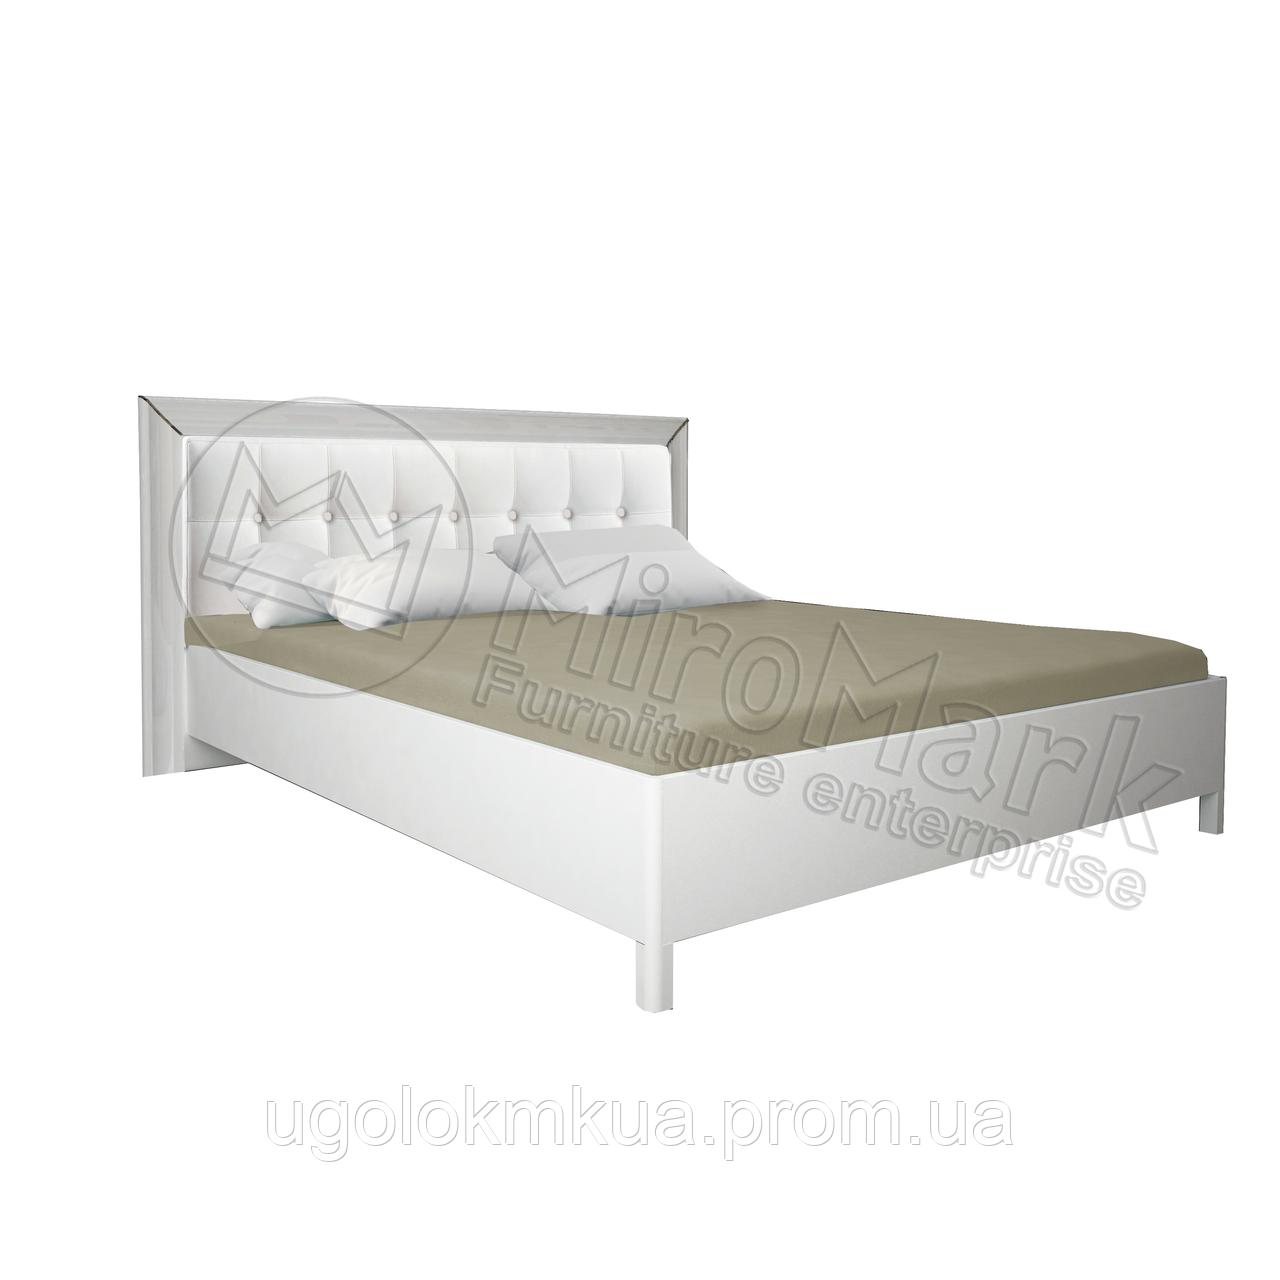 Спальня Белла белый глянец кровать 1,80*2,00 профиль мягкая спинка (без каркаса)